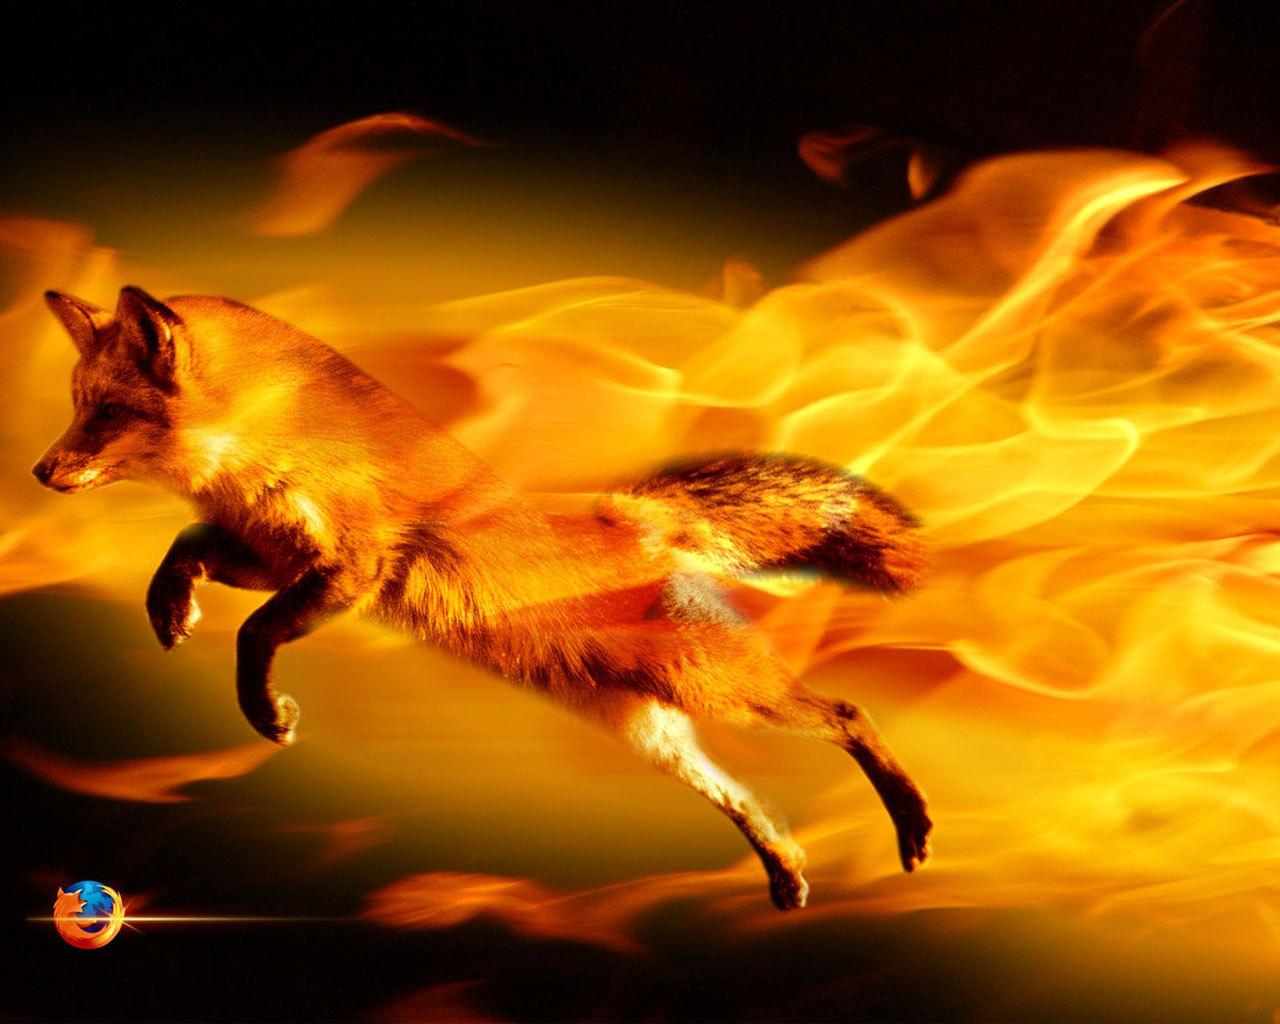 http://3.bp.blogspot.com/-TFP91Ofqe6k/TykUNgzQVoI/AAAAAAAAAHY/YOBx6czMiC4/s1600/firefox-fire.jpg